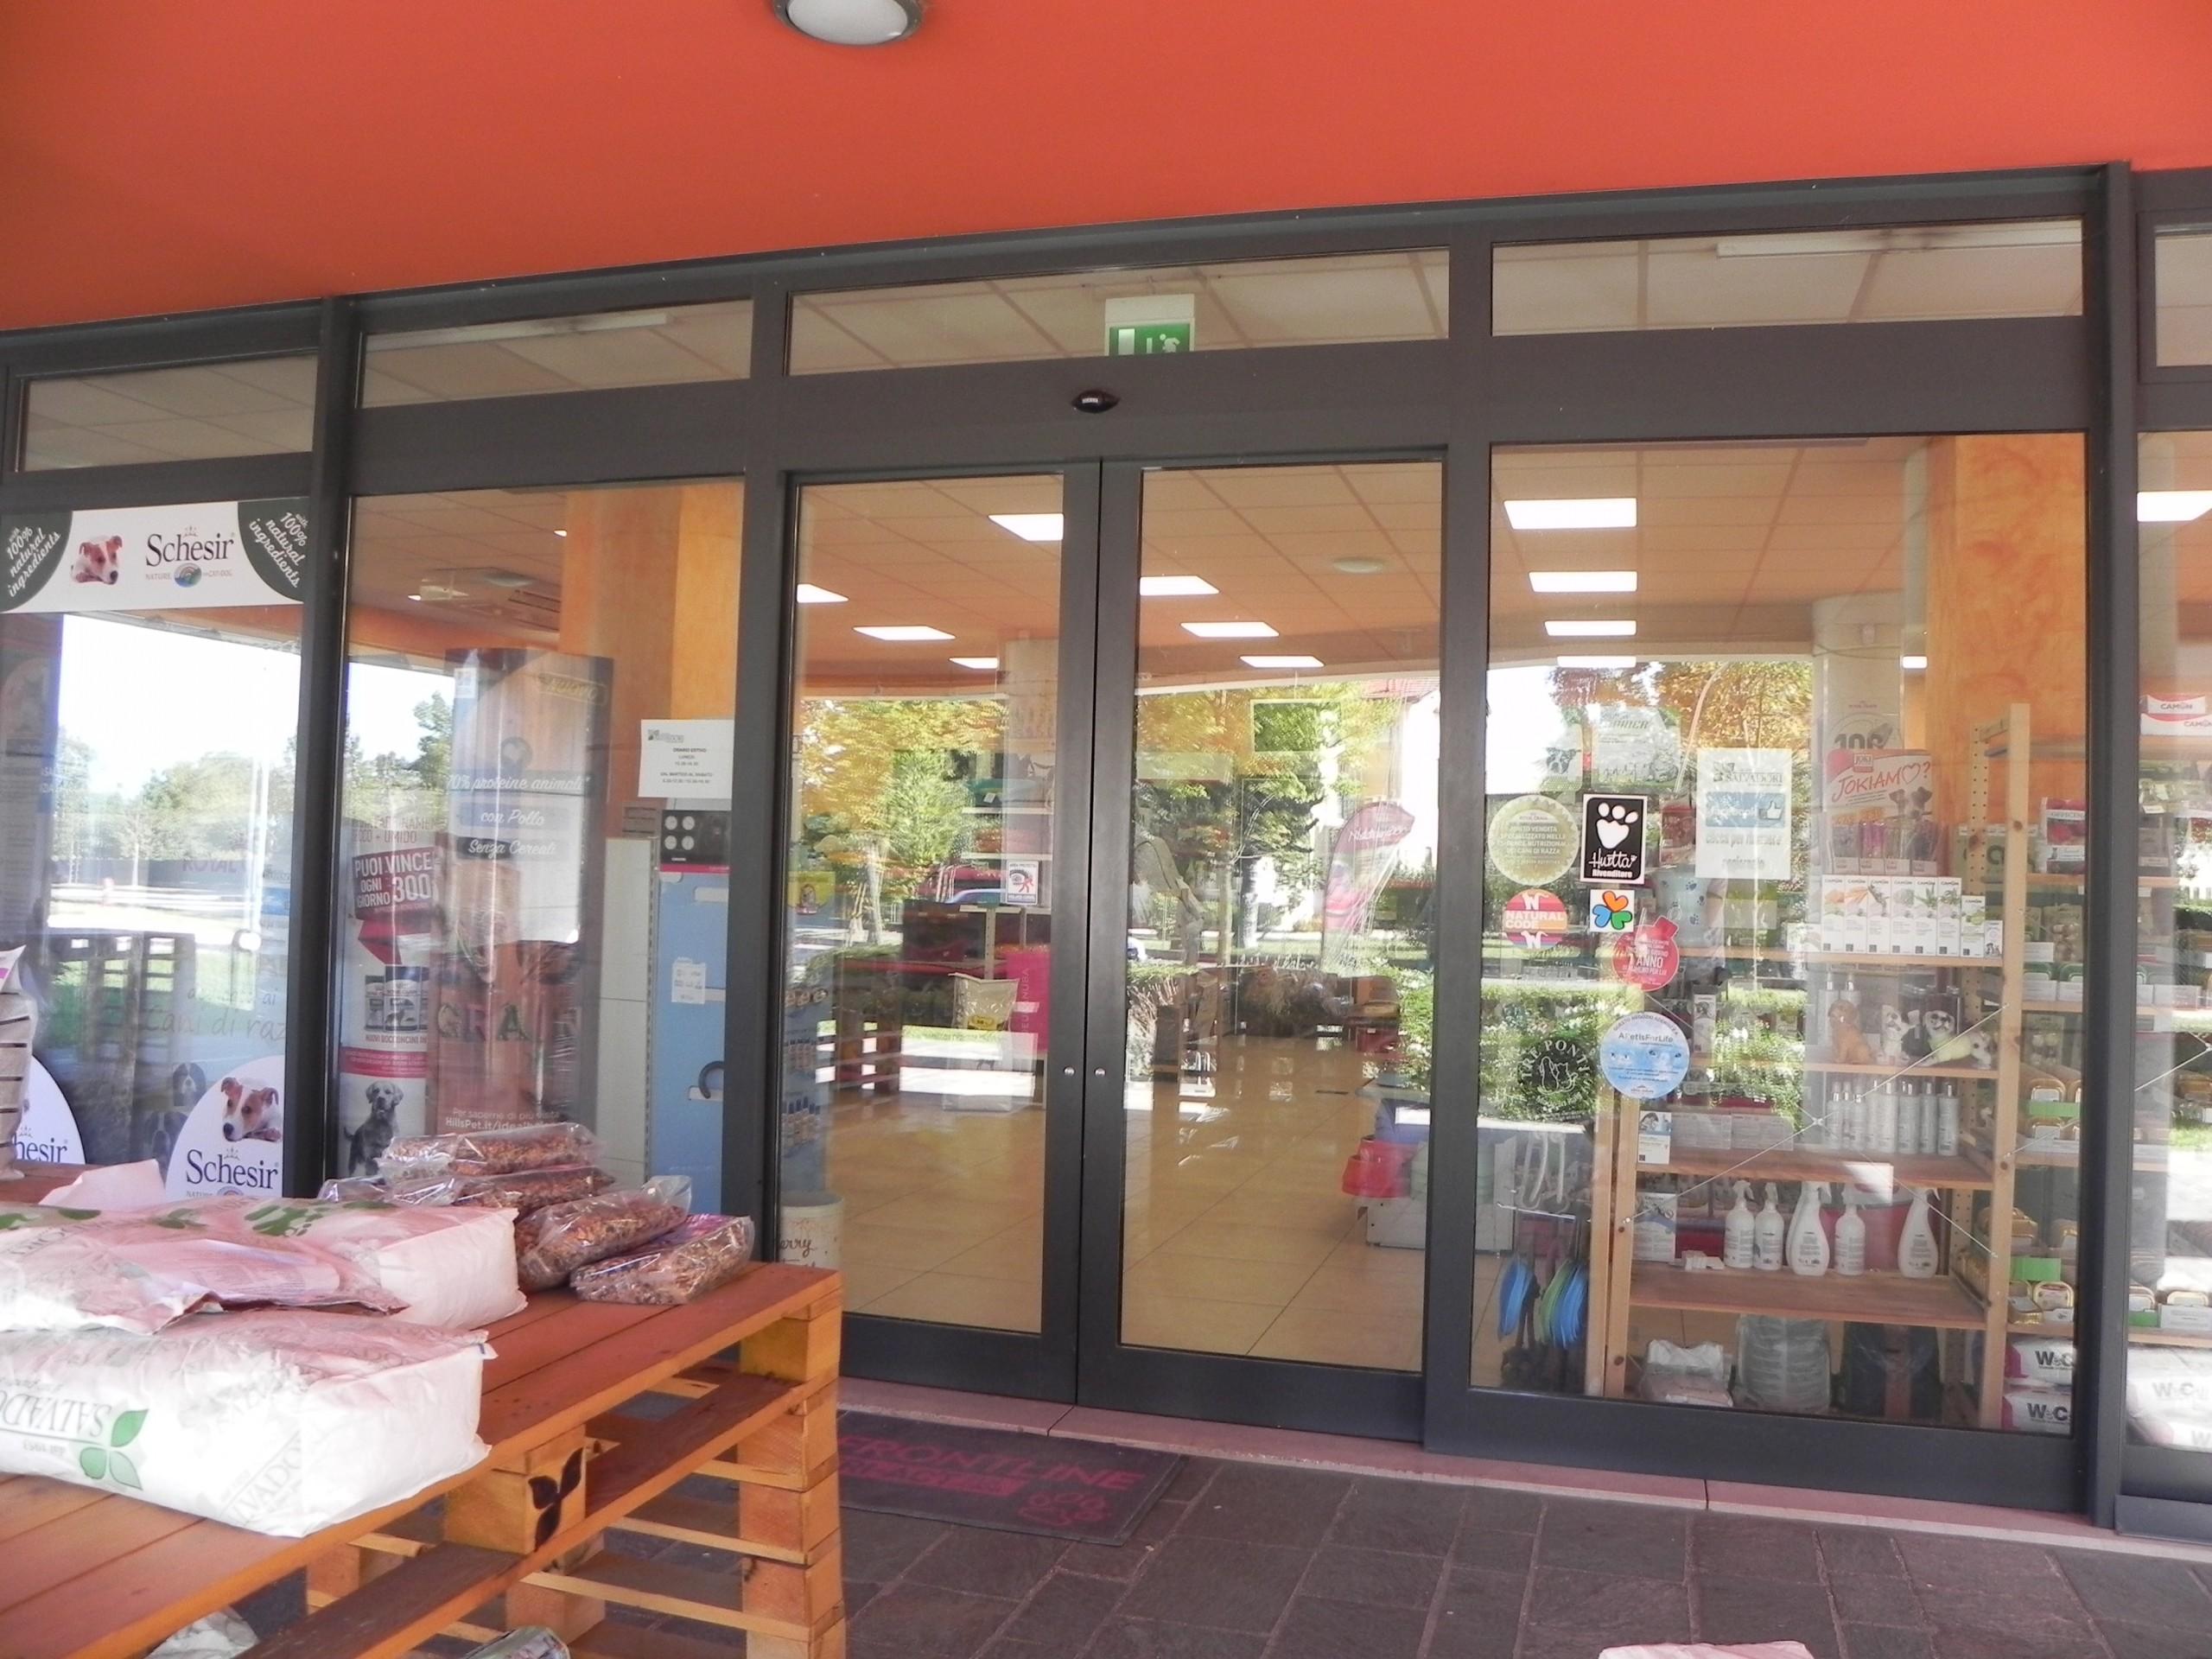 Negozio in vendita a Oderzo: la vetrina